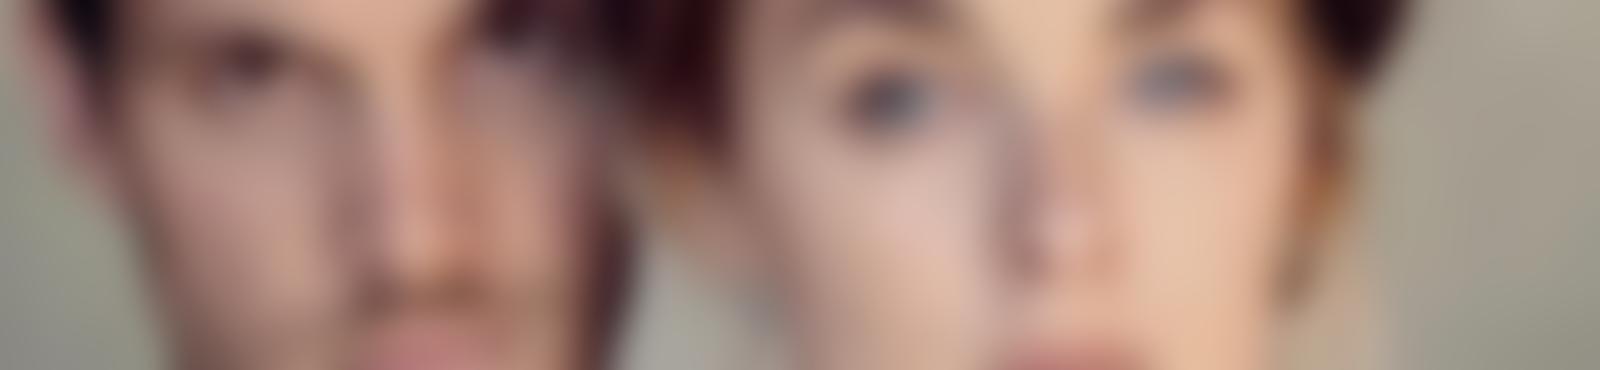 Blurred 873fb976 1f92 4a82 a167 27136a5b8436